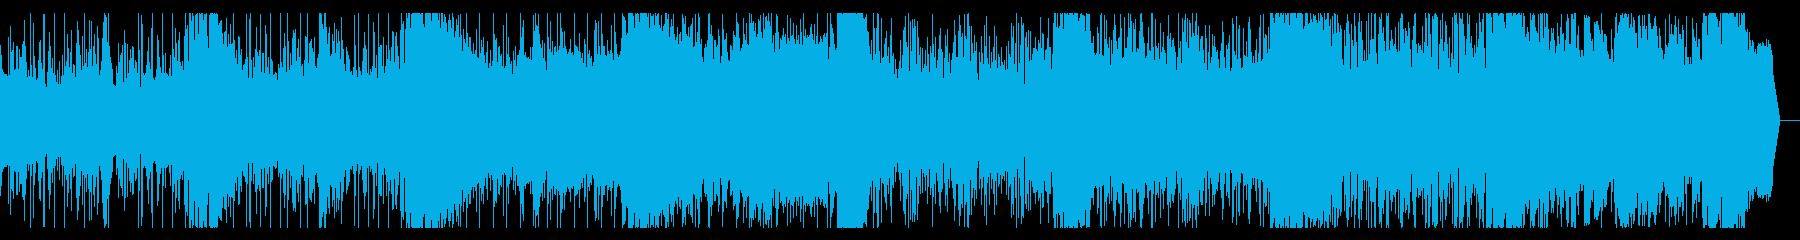 ゆったり仄暗いアンビエントIDMの再生済みの波形